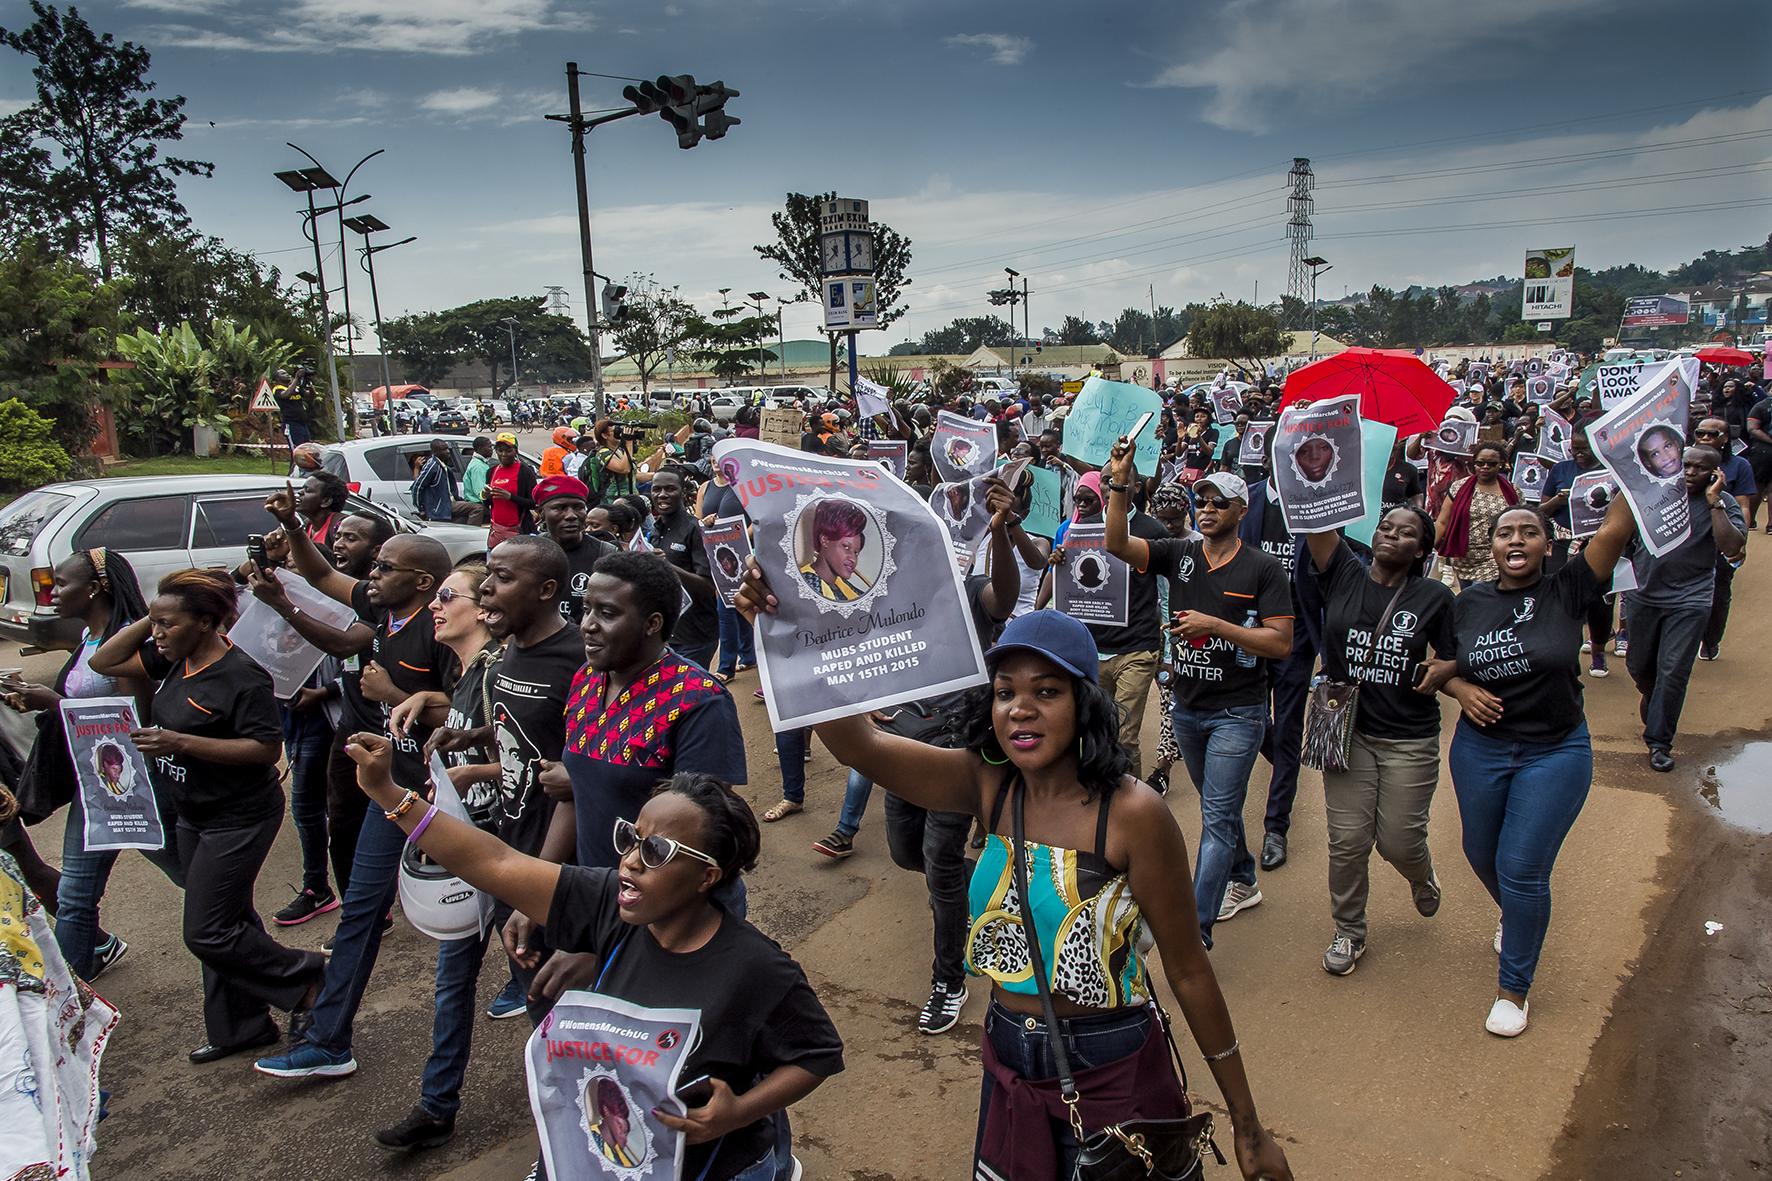 30 Women march 189.jpg